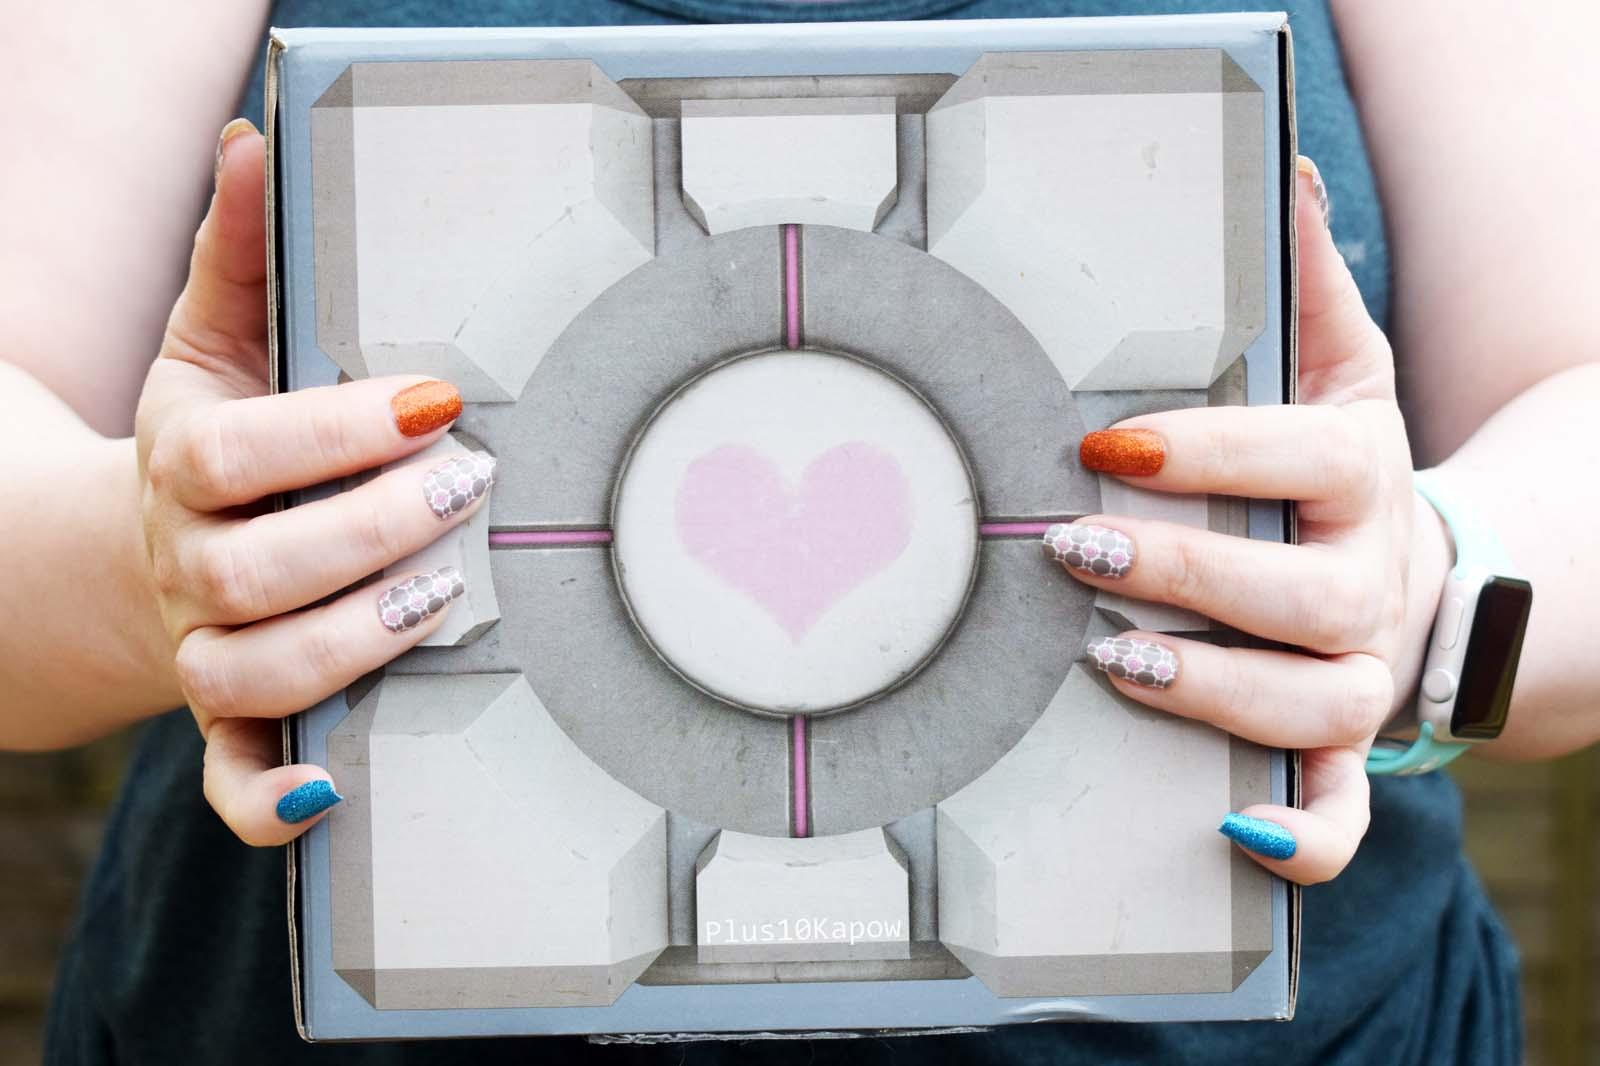 Espionage Cosmetics Buddy Block nail wraps Plus10Kapow